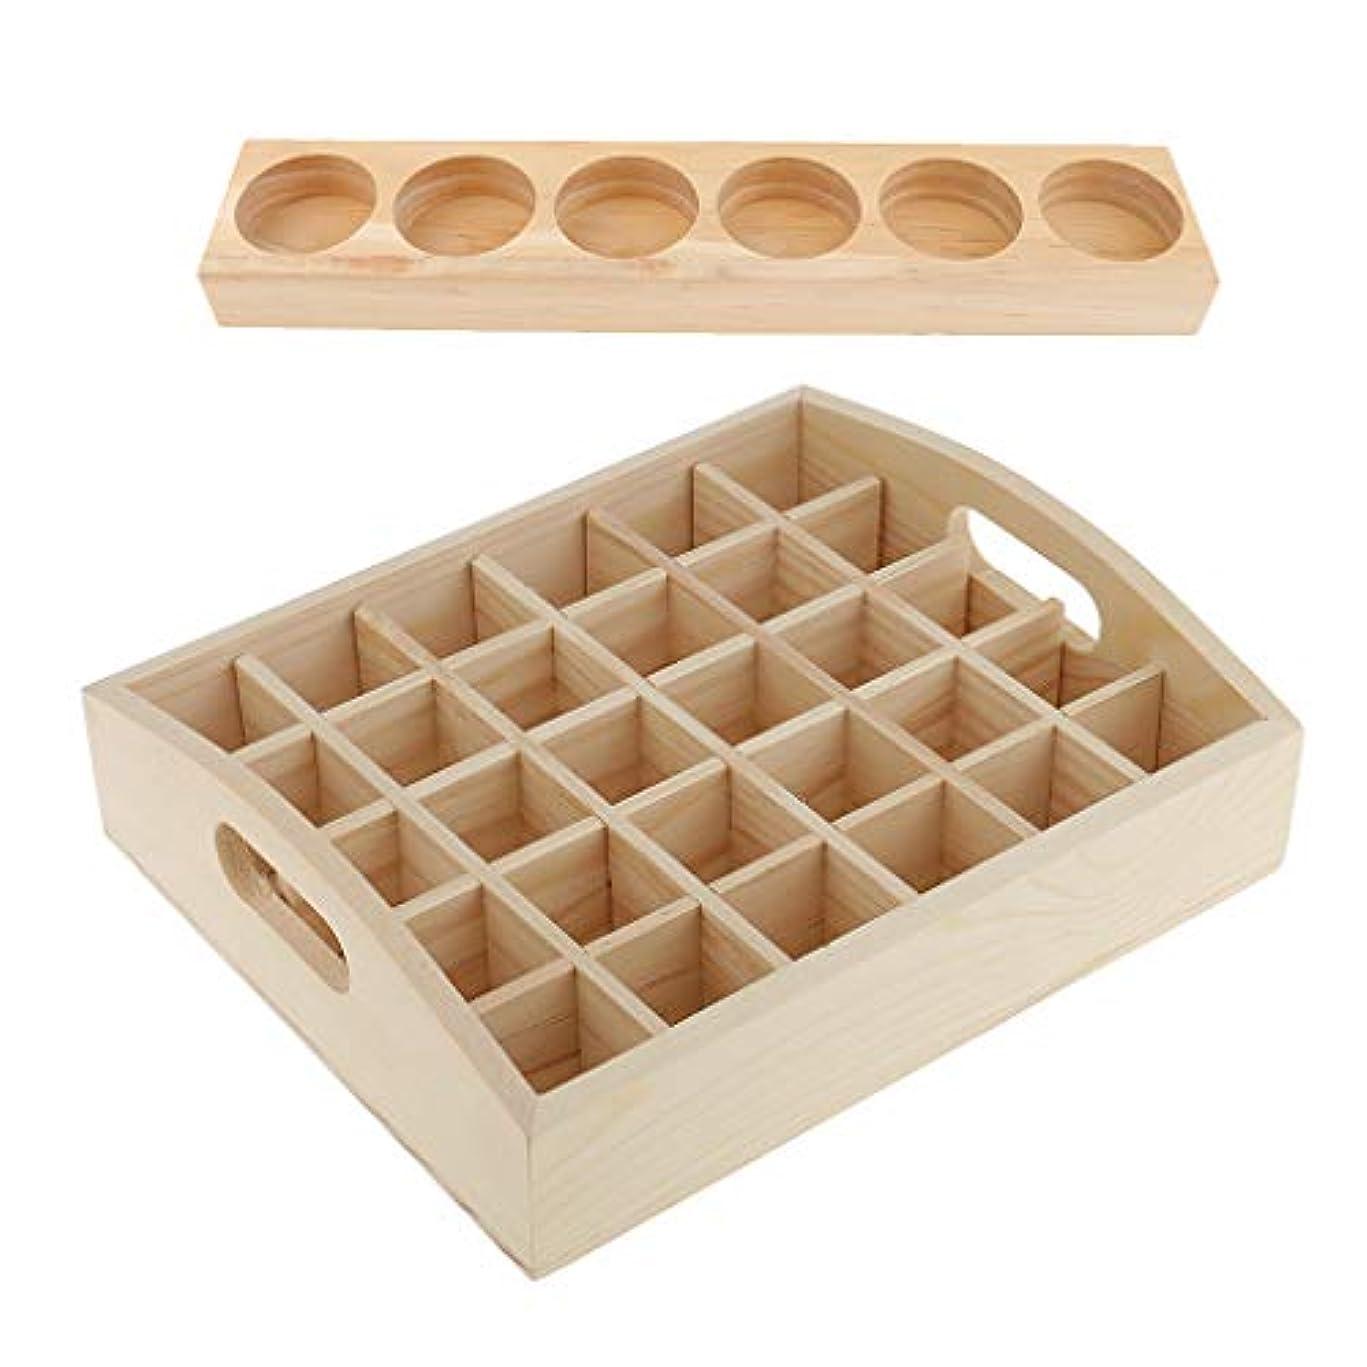 さらに試してみる適合するエッセンシャルオイル 精油/香水 収納ボックス 木製 携帯便利 15ミリリットル 直立状態